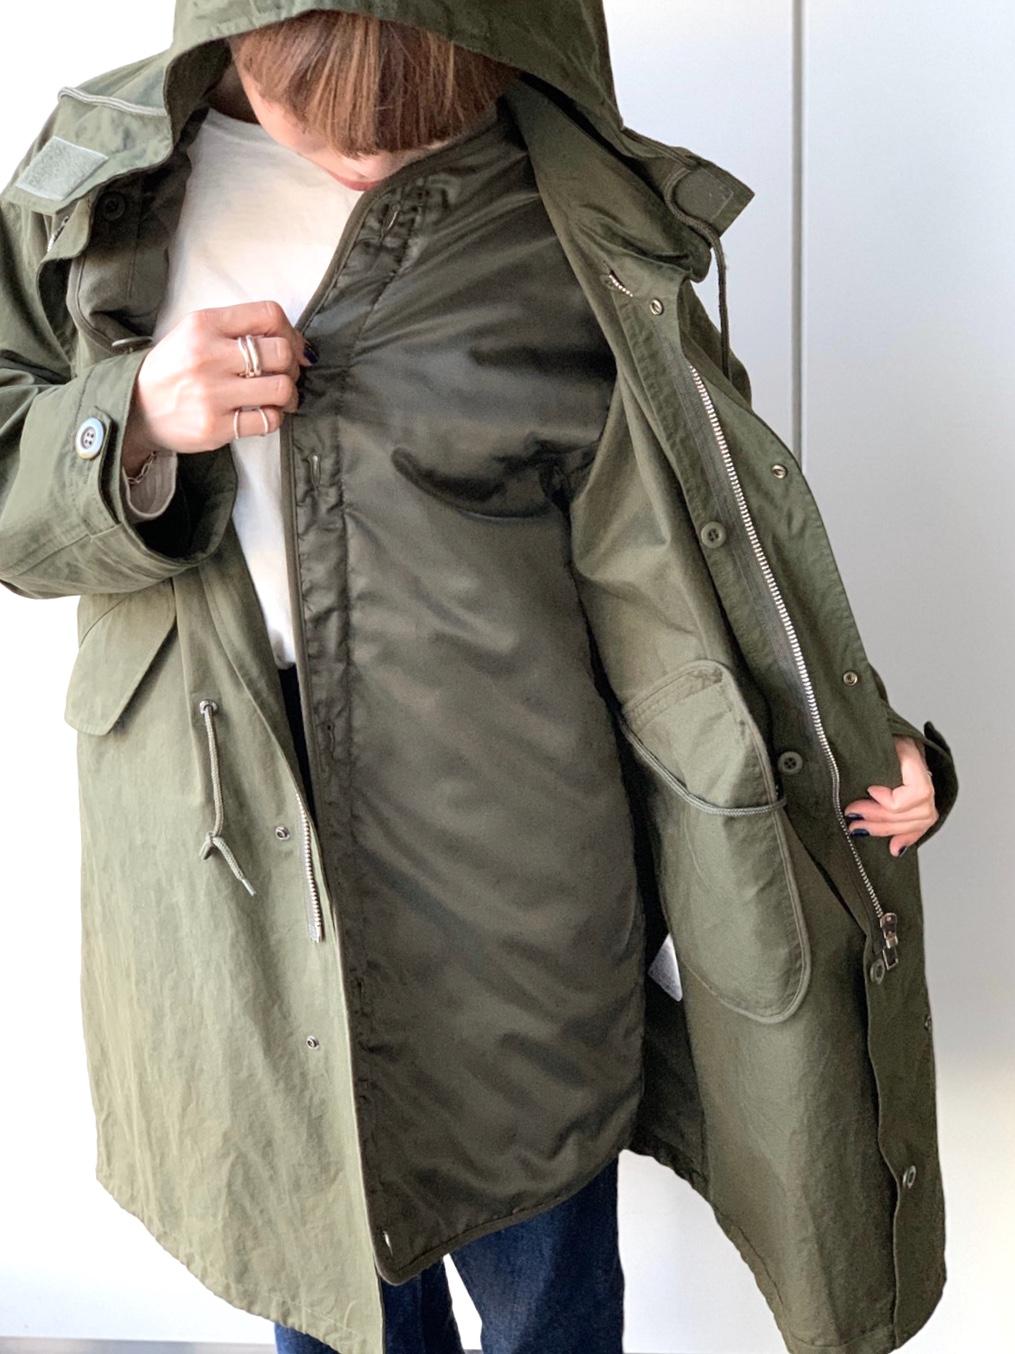 ScrapBook スクラップブック 有楽町 有楽町マルイ THOMAS MAGPIE トーマスマグバイ 日本ブランド 福岡 モッズコート ミリタリーコート khaki カーキ ライナー付き ライナー付きコート coat